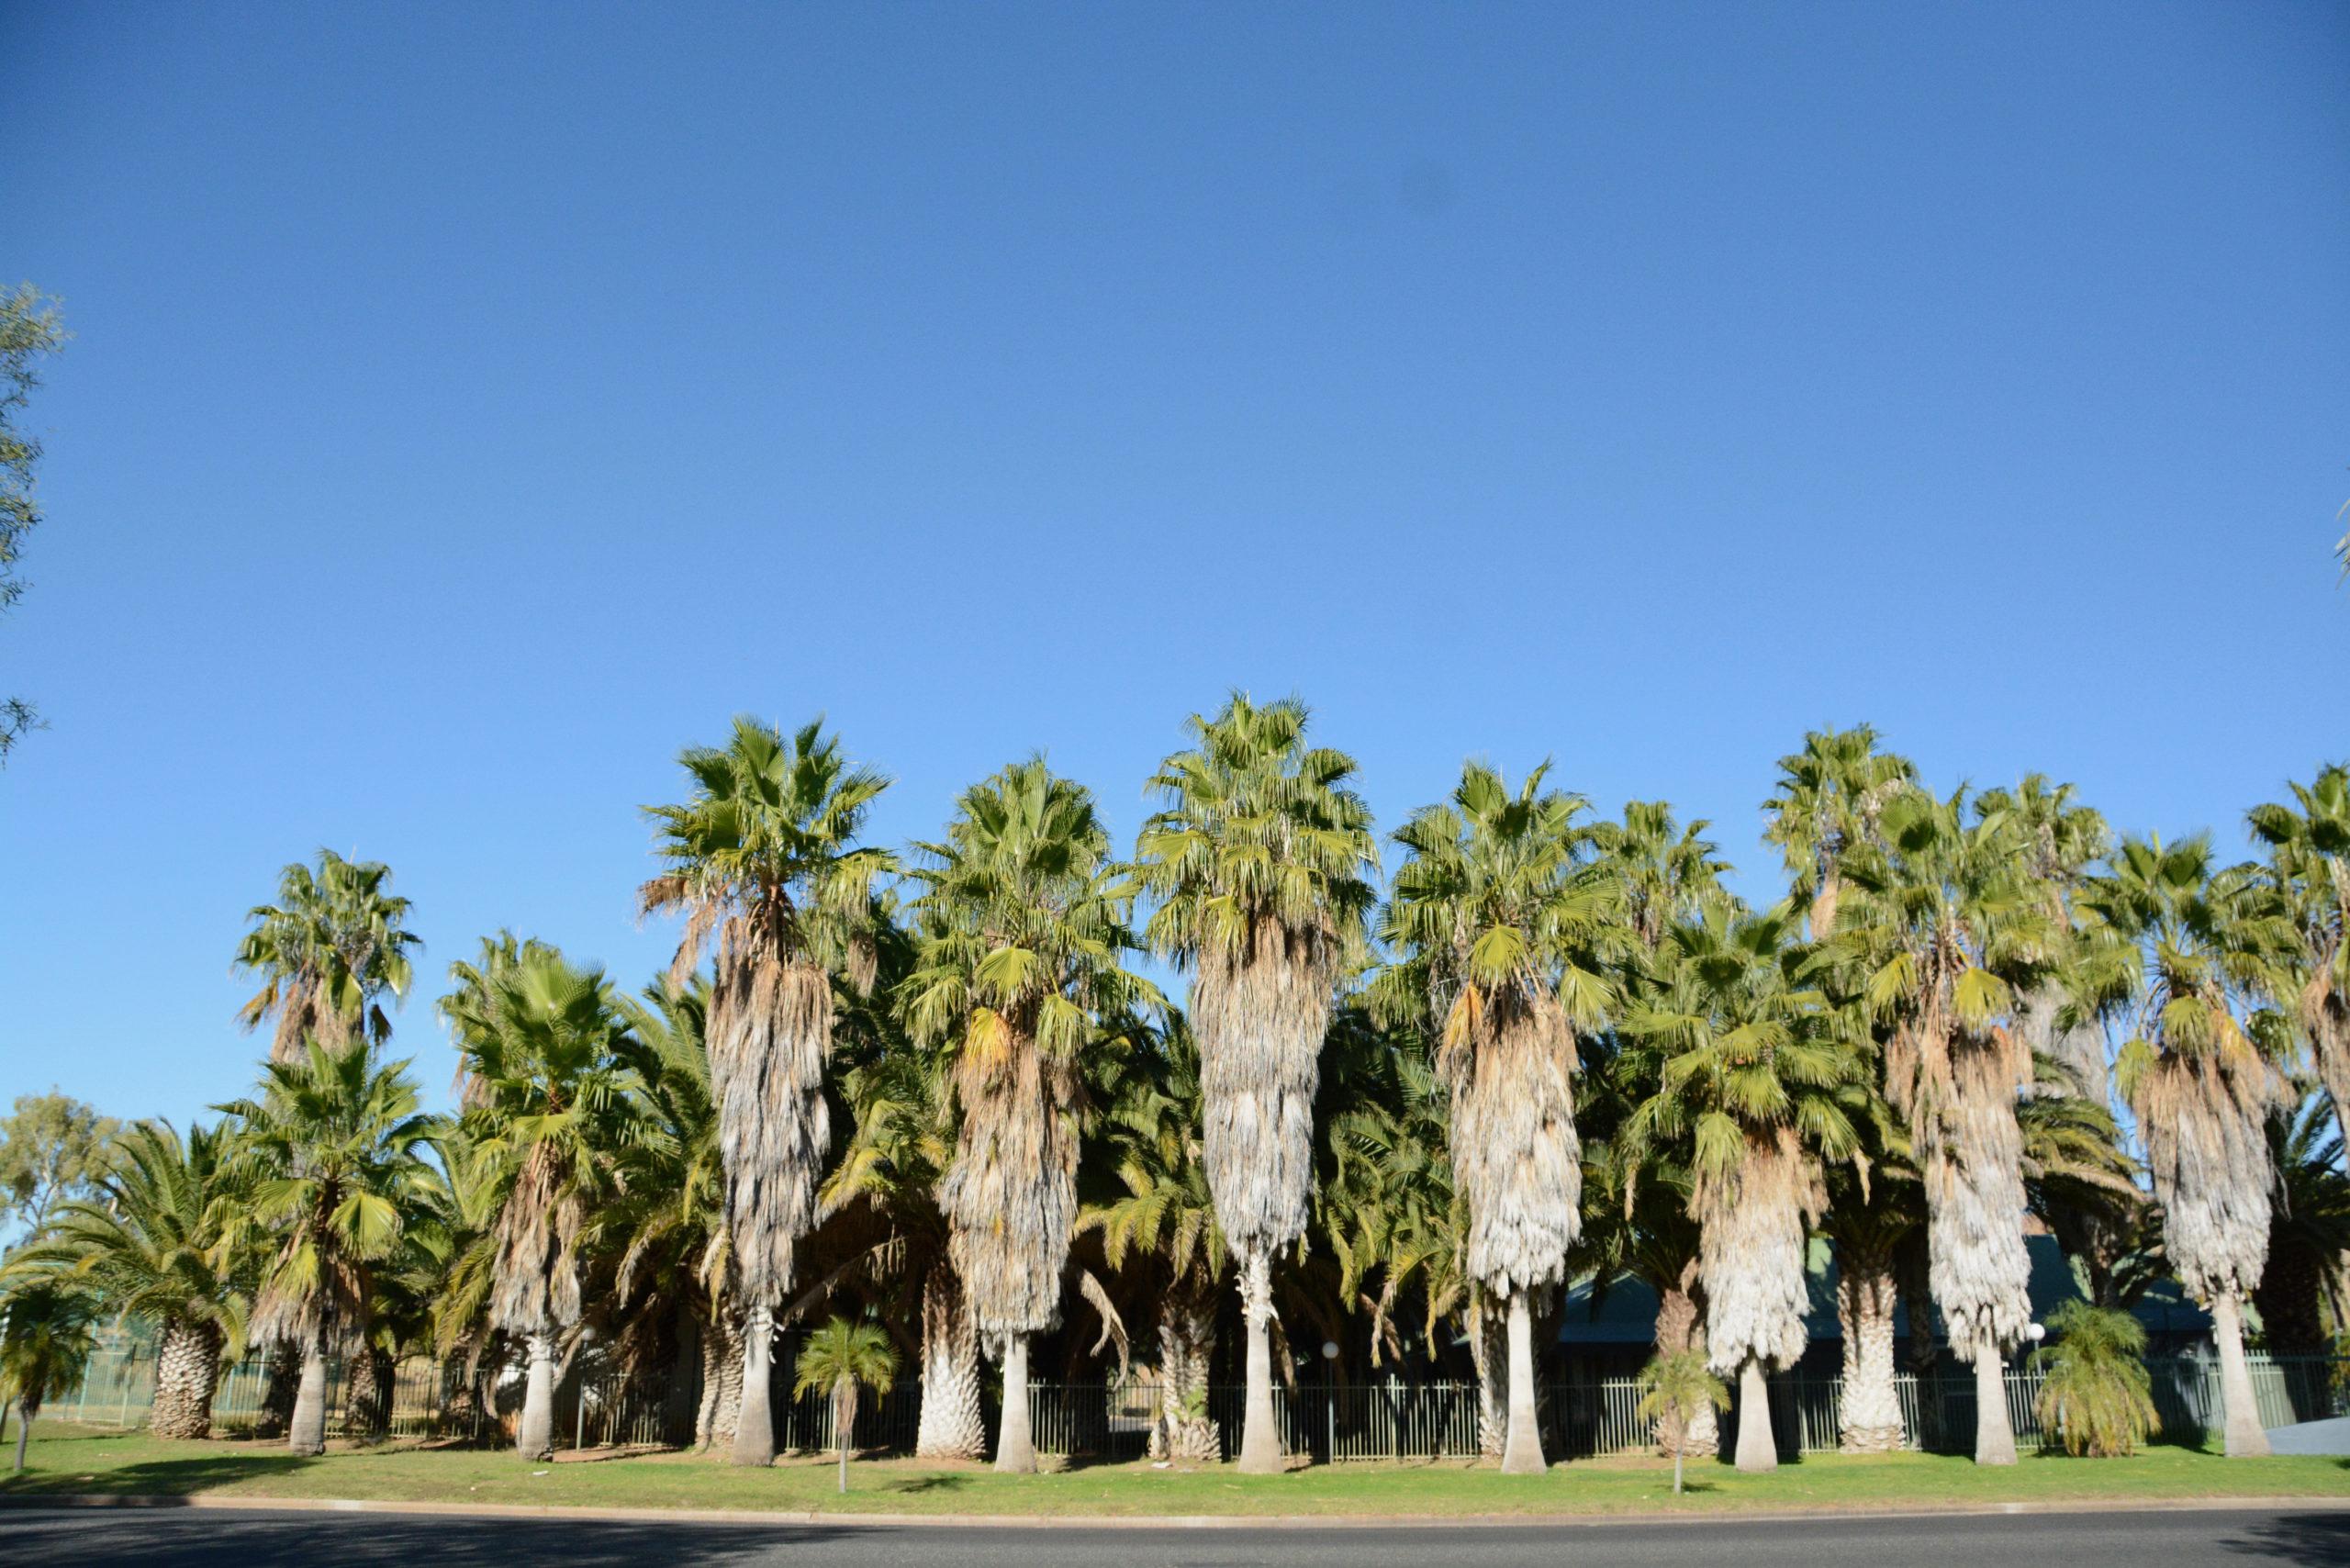 Palemkolonie während des Mittags im australischen Alice Springs